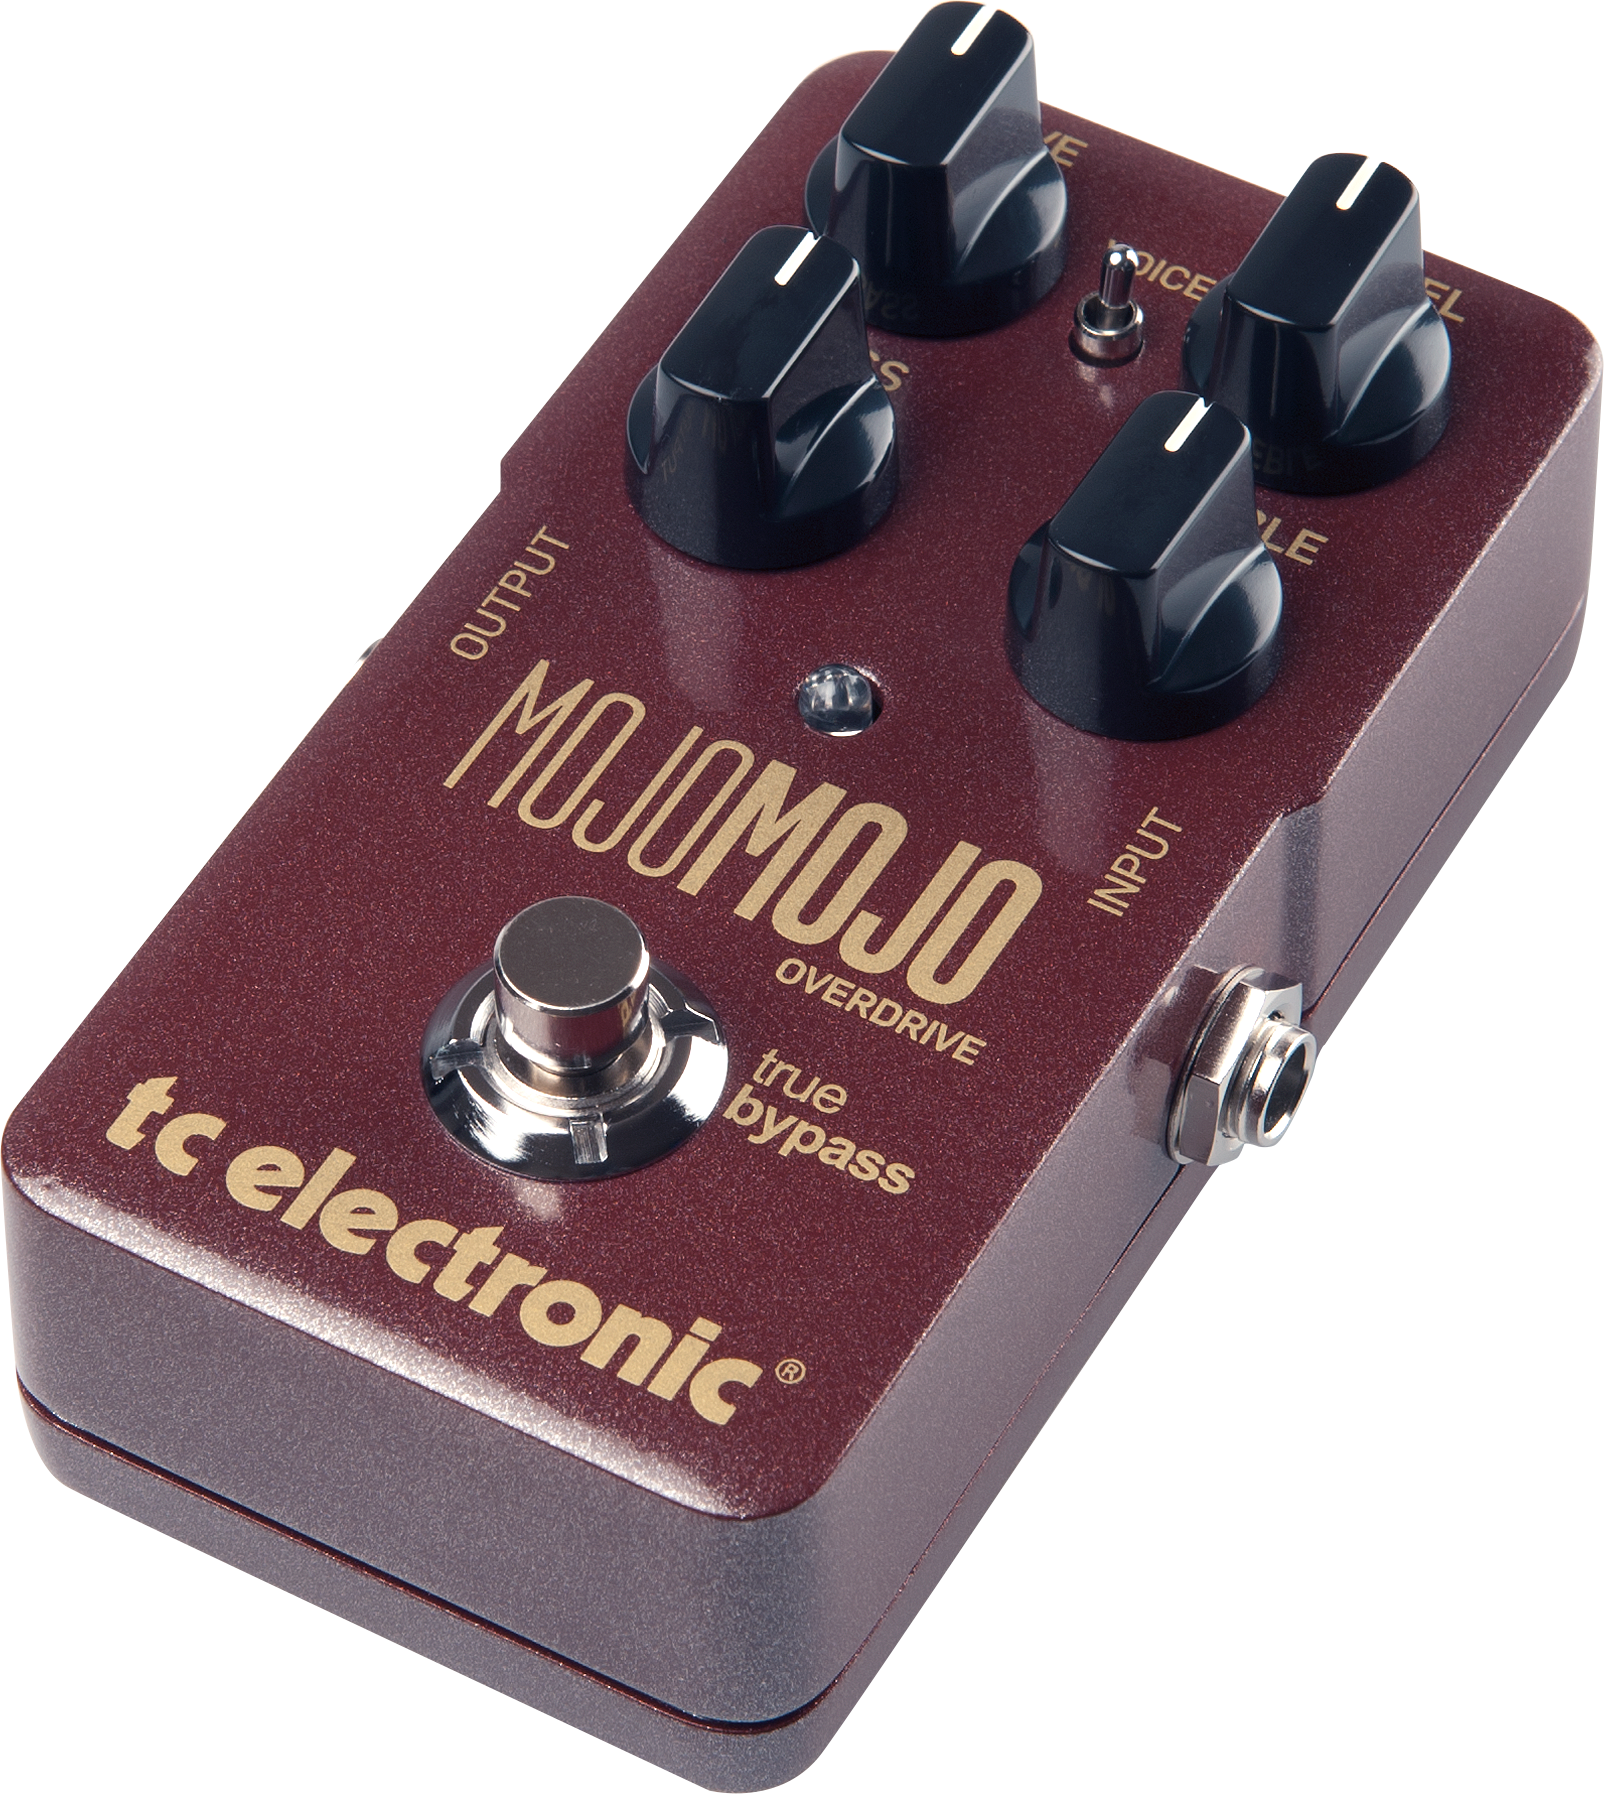 TC Electronic TonePrint Mojo Mojo Overdrive